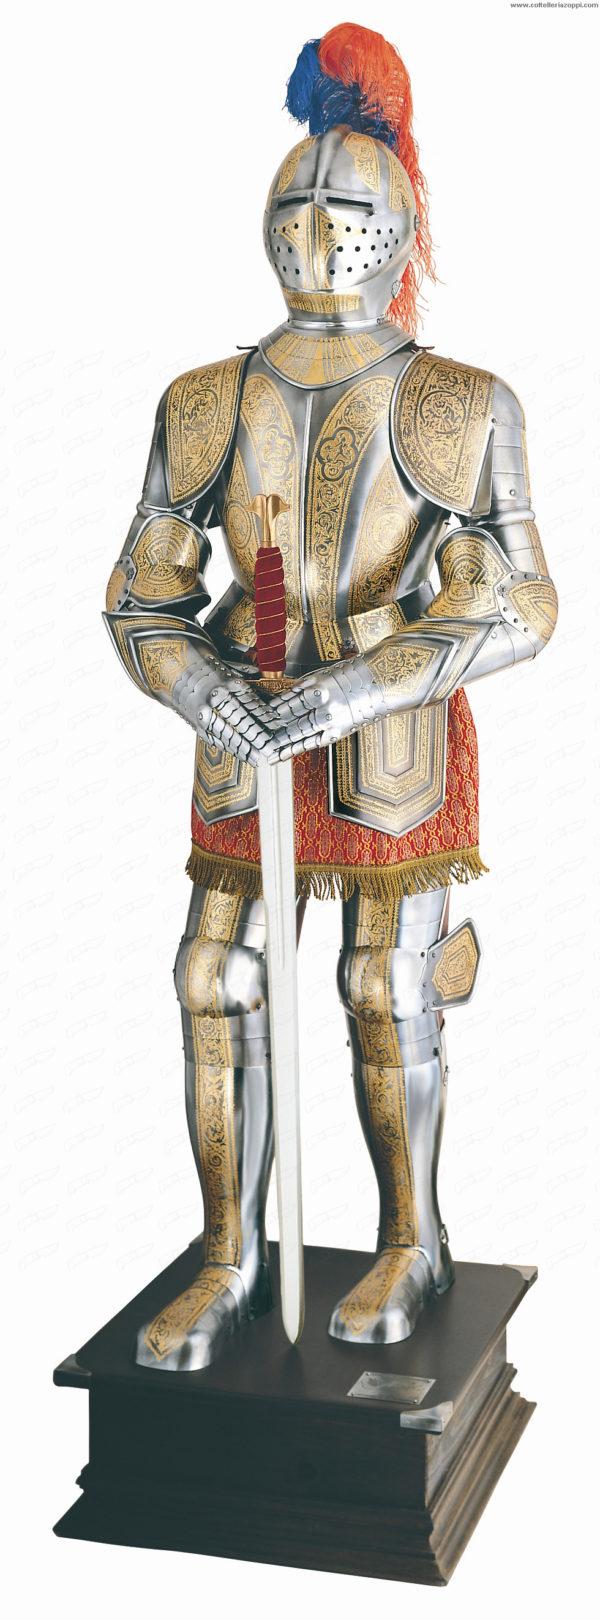 MARTO - Armatura spagnola del XVI secolo decorata